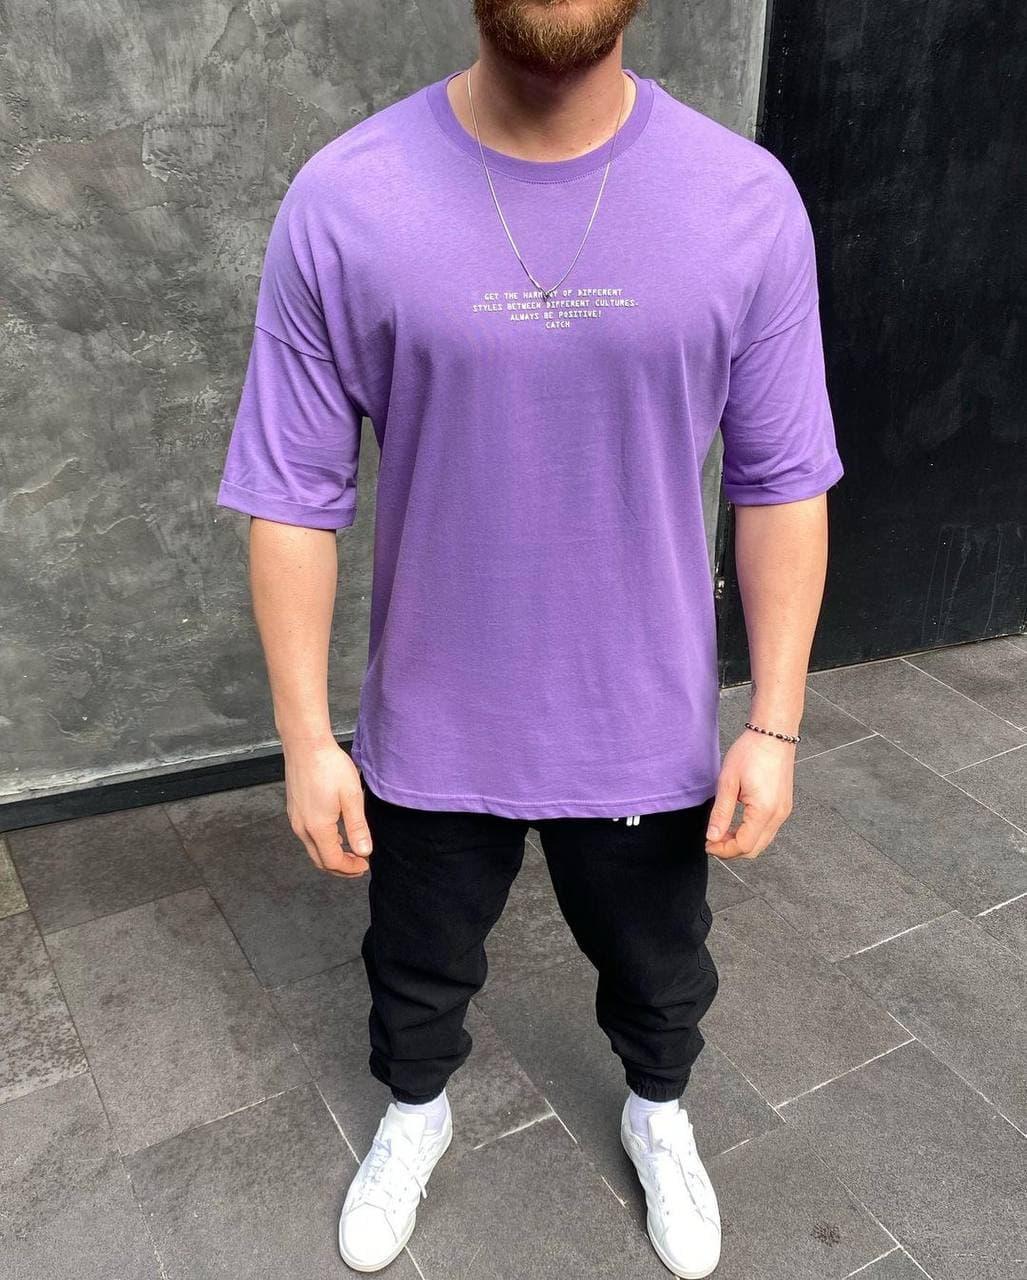 Мужская футболка oversize фиолетовая с надписью